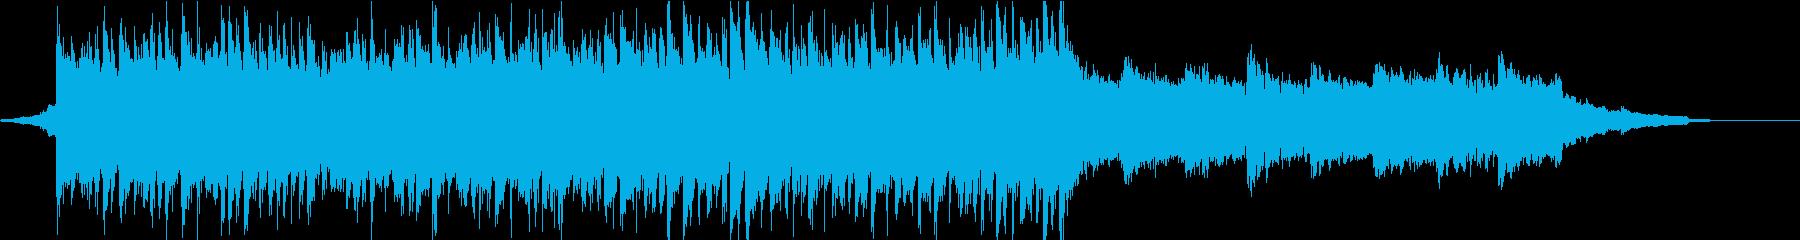 印象に残るメロディのピアノギターロック③の再生済みの波形